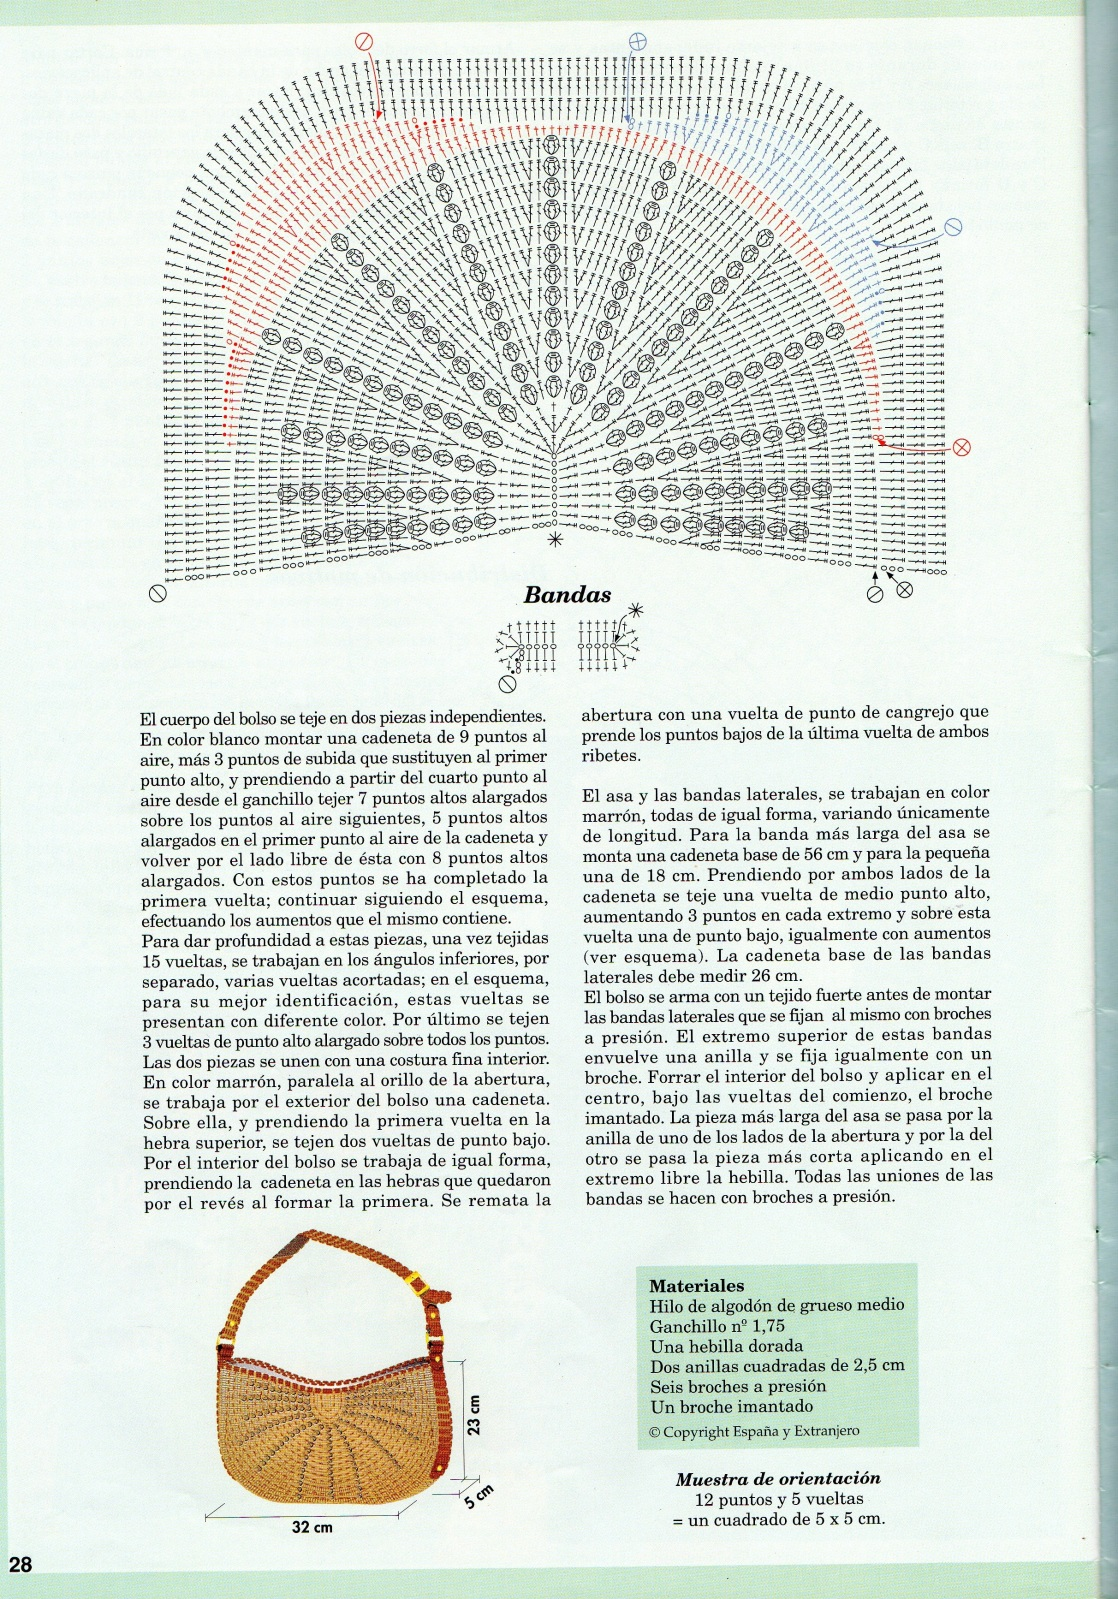 patrones - patrones de bolsos 2gvuc88